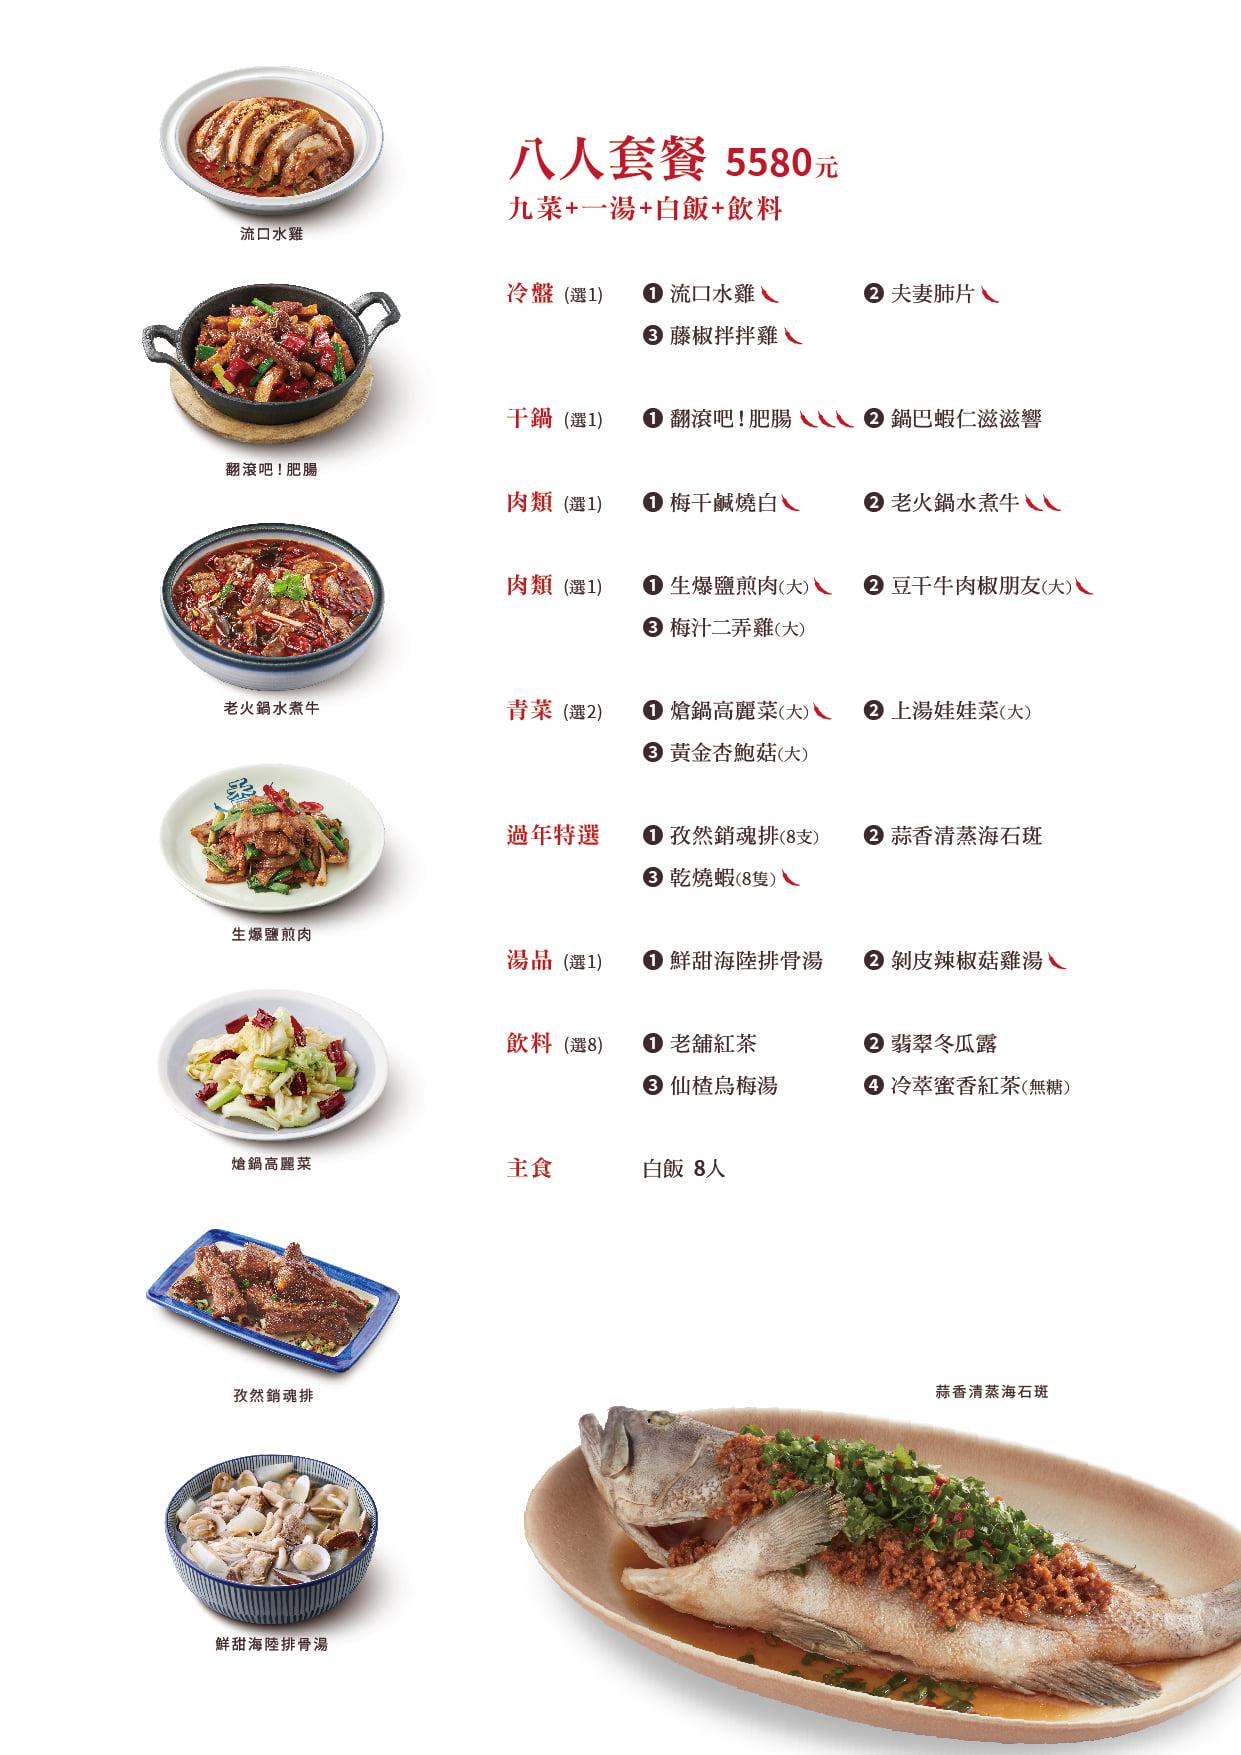 開飯川食堂菜單MENU-八人套餐